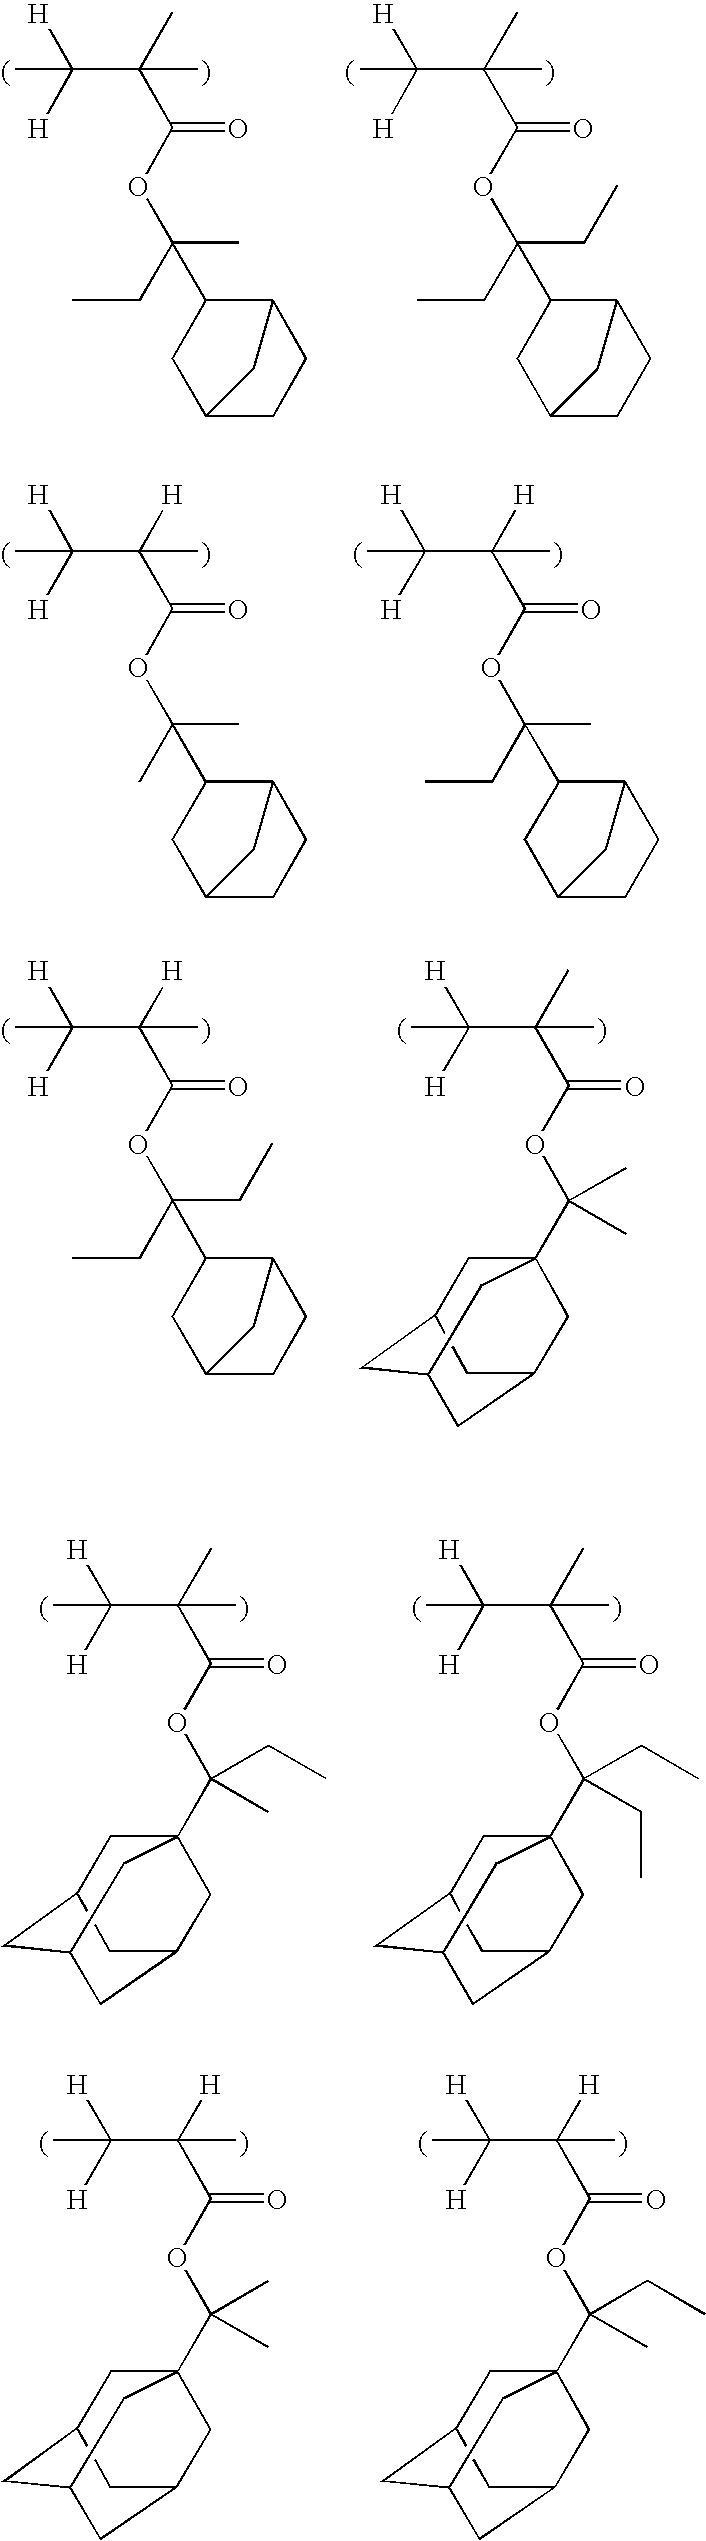 Figure US07569326-20090804-C00023